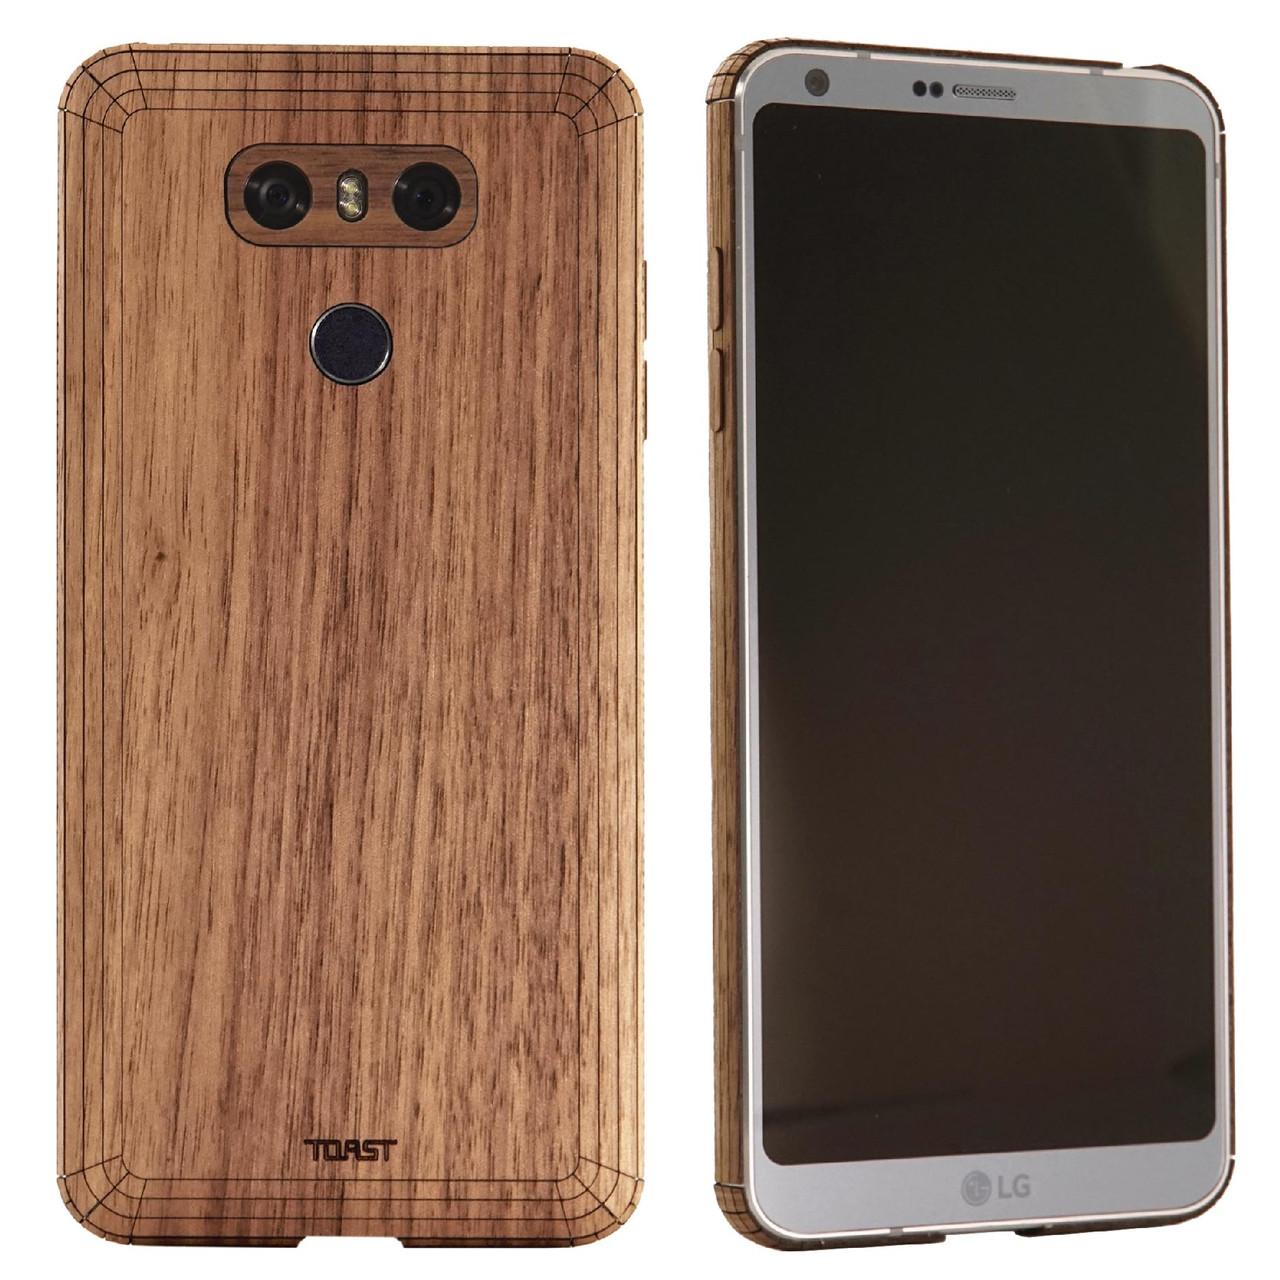 newest b9f04 dfe64 LG G6 wood cover